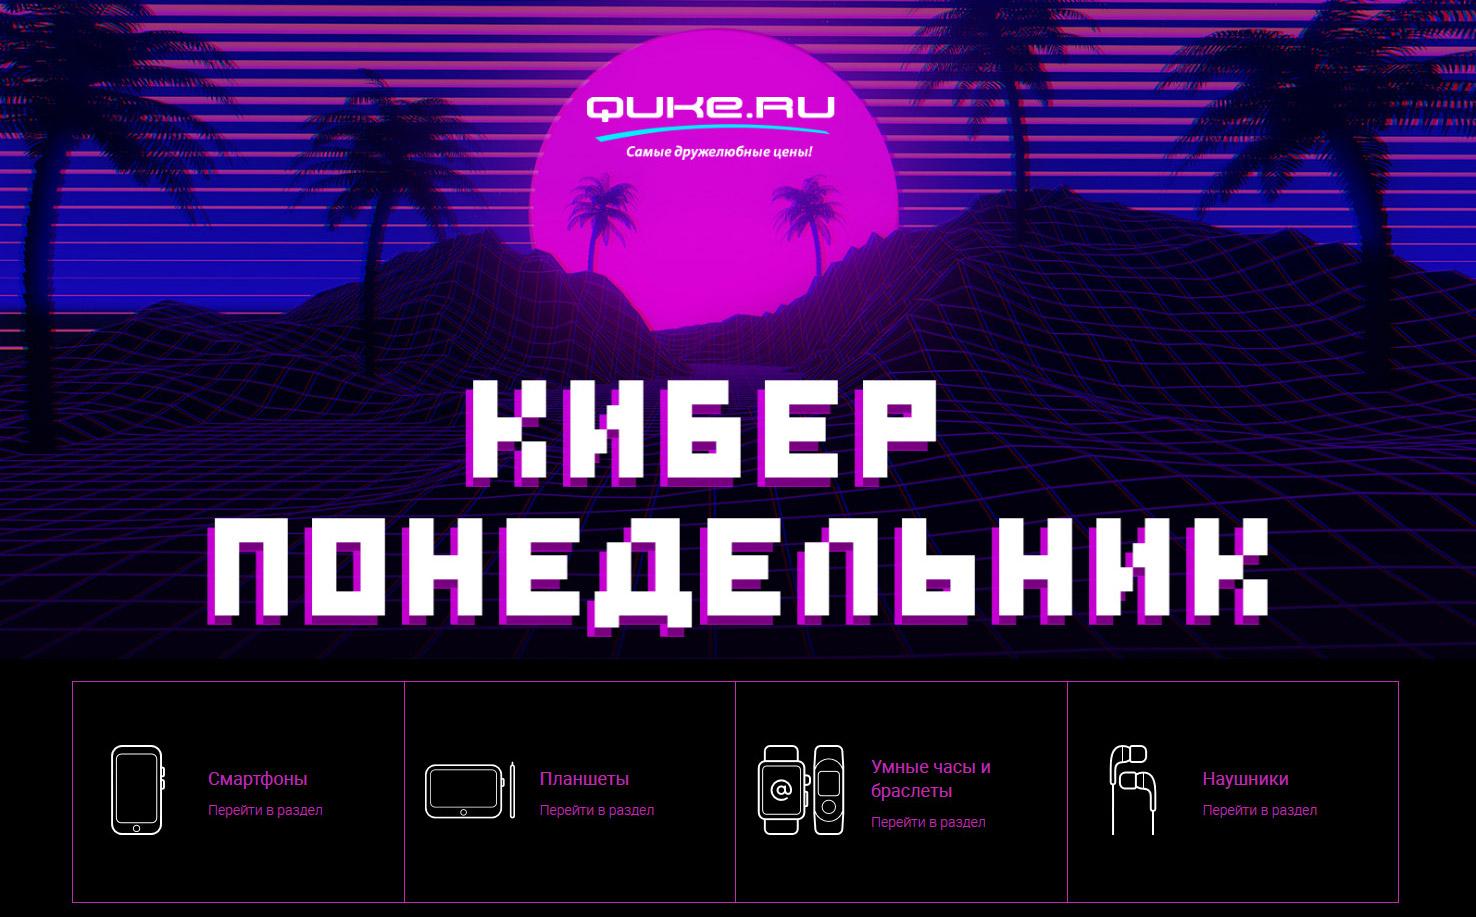 киберпонедельник в quke.ru